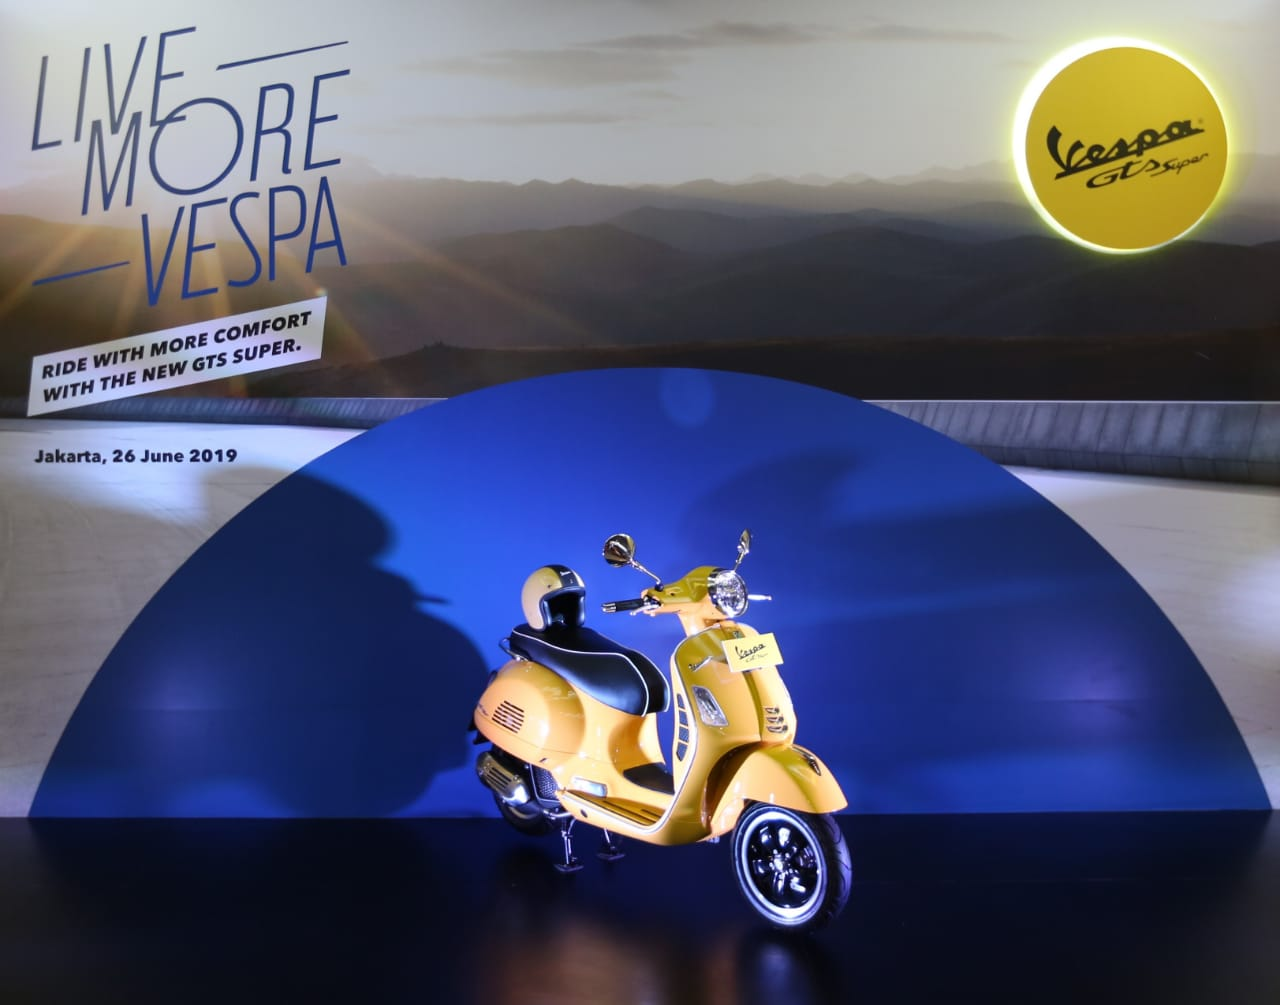 Vespa GTS 150 Super i-get ABS Resmi Meluncur, Banyak Fitur Anyar